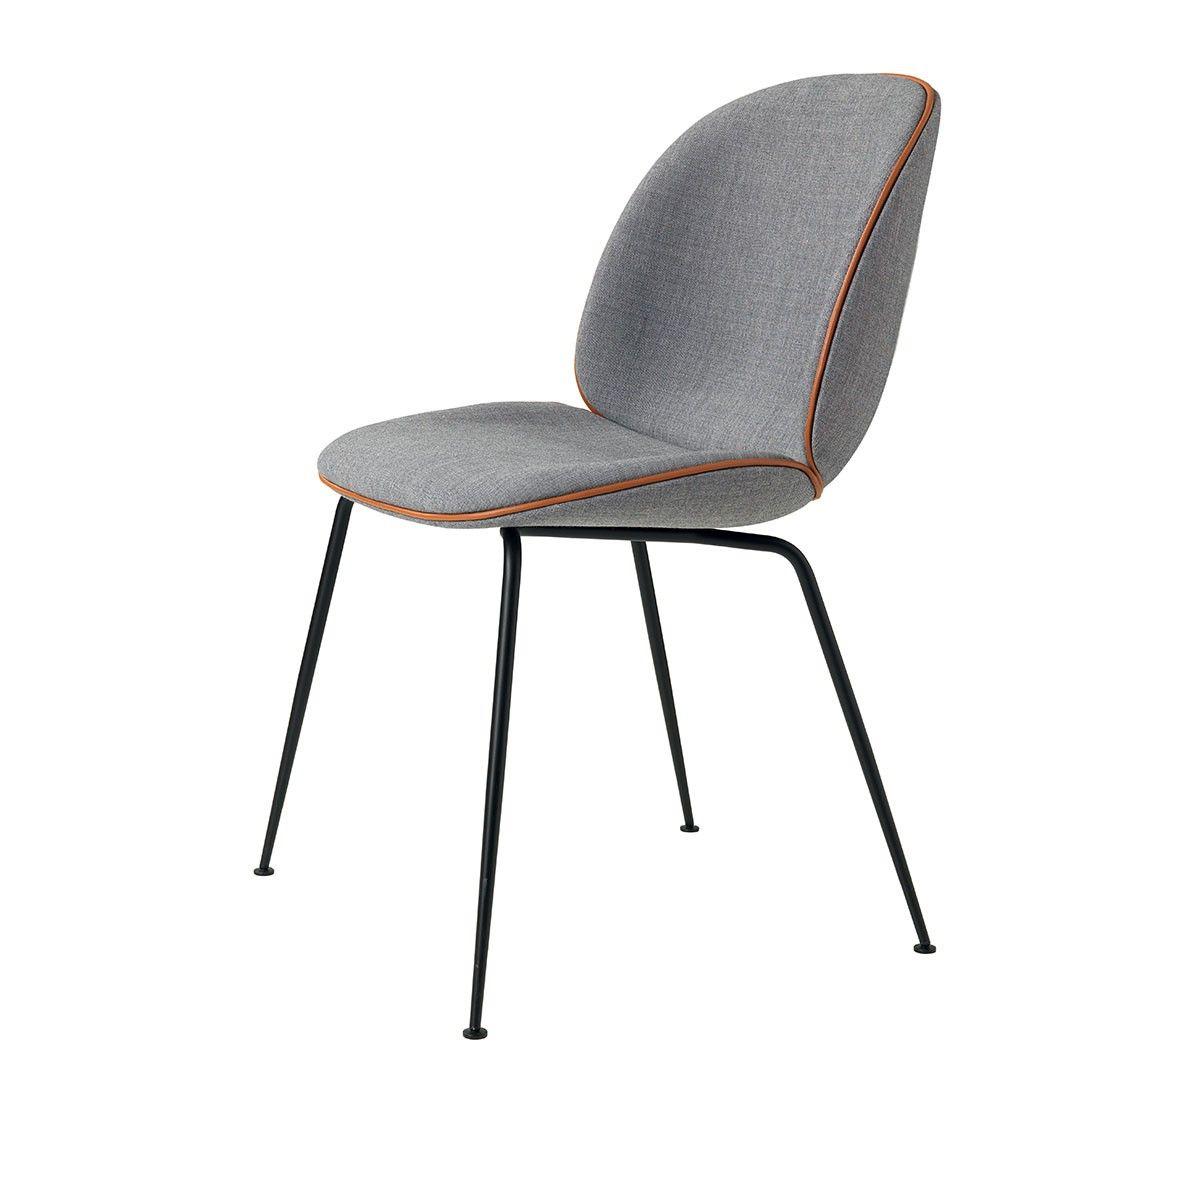 Chaise Beetle Textile Remix Gris Cuir Cognac Pieds Noir Gubi Beetle Chair Gubi Beetle Chair Dining Chairs